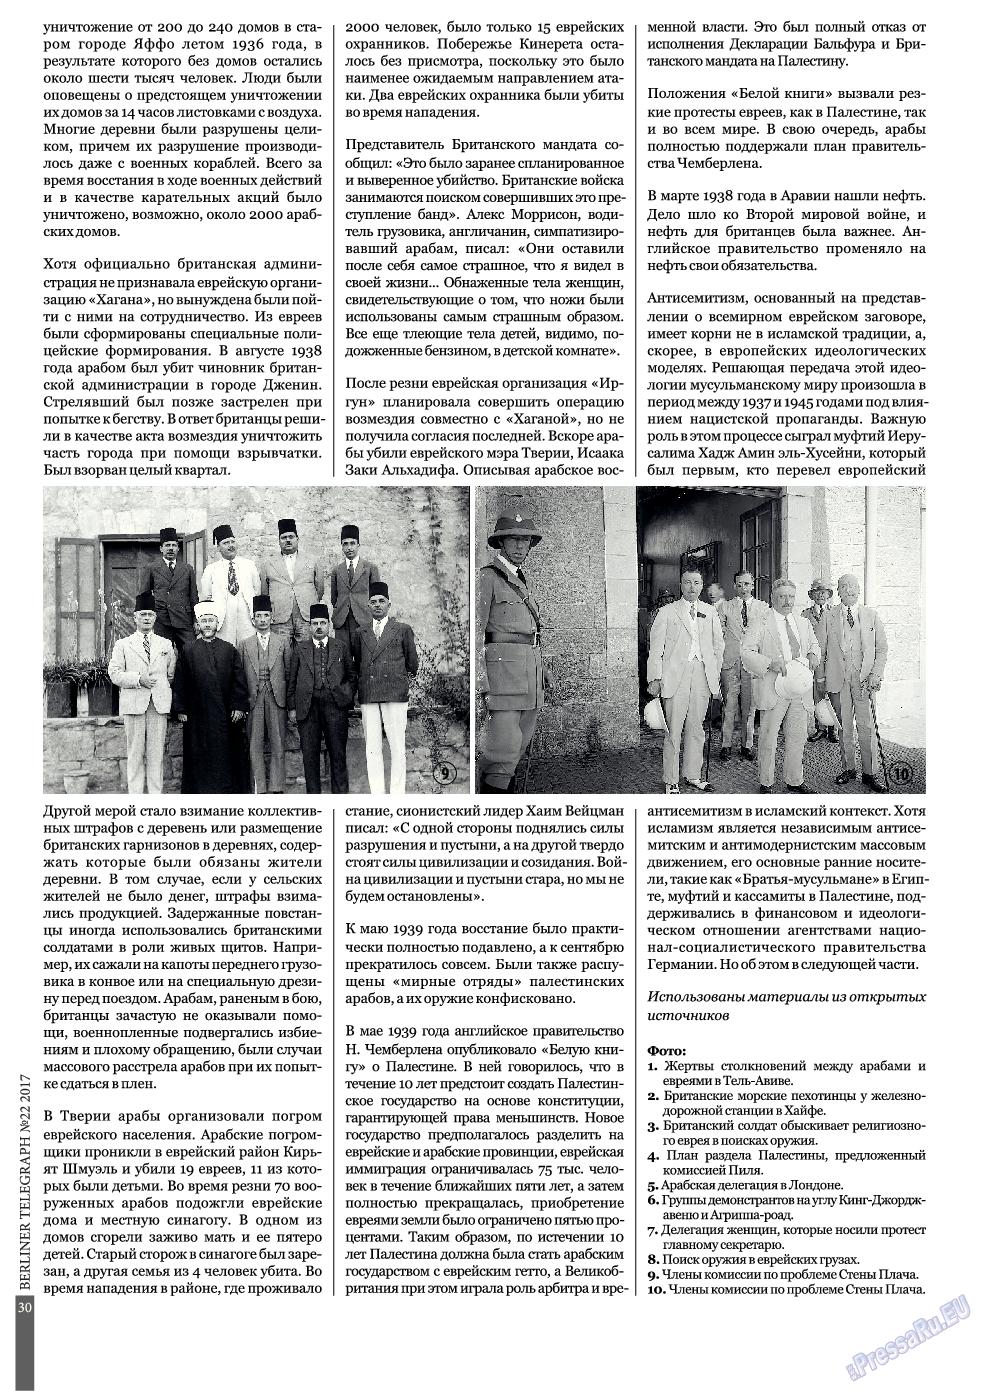 Берлинский телеграф (журнал). 2017 год, номер 22, стр. 30